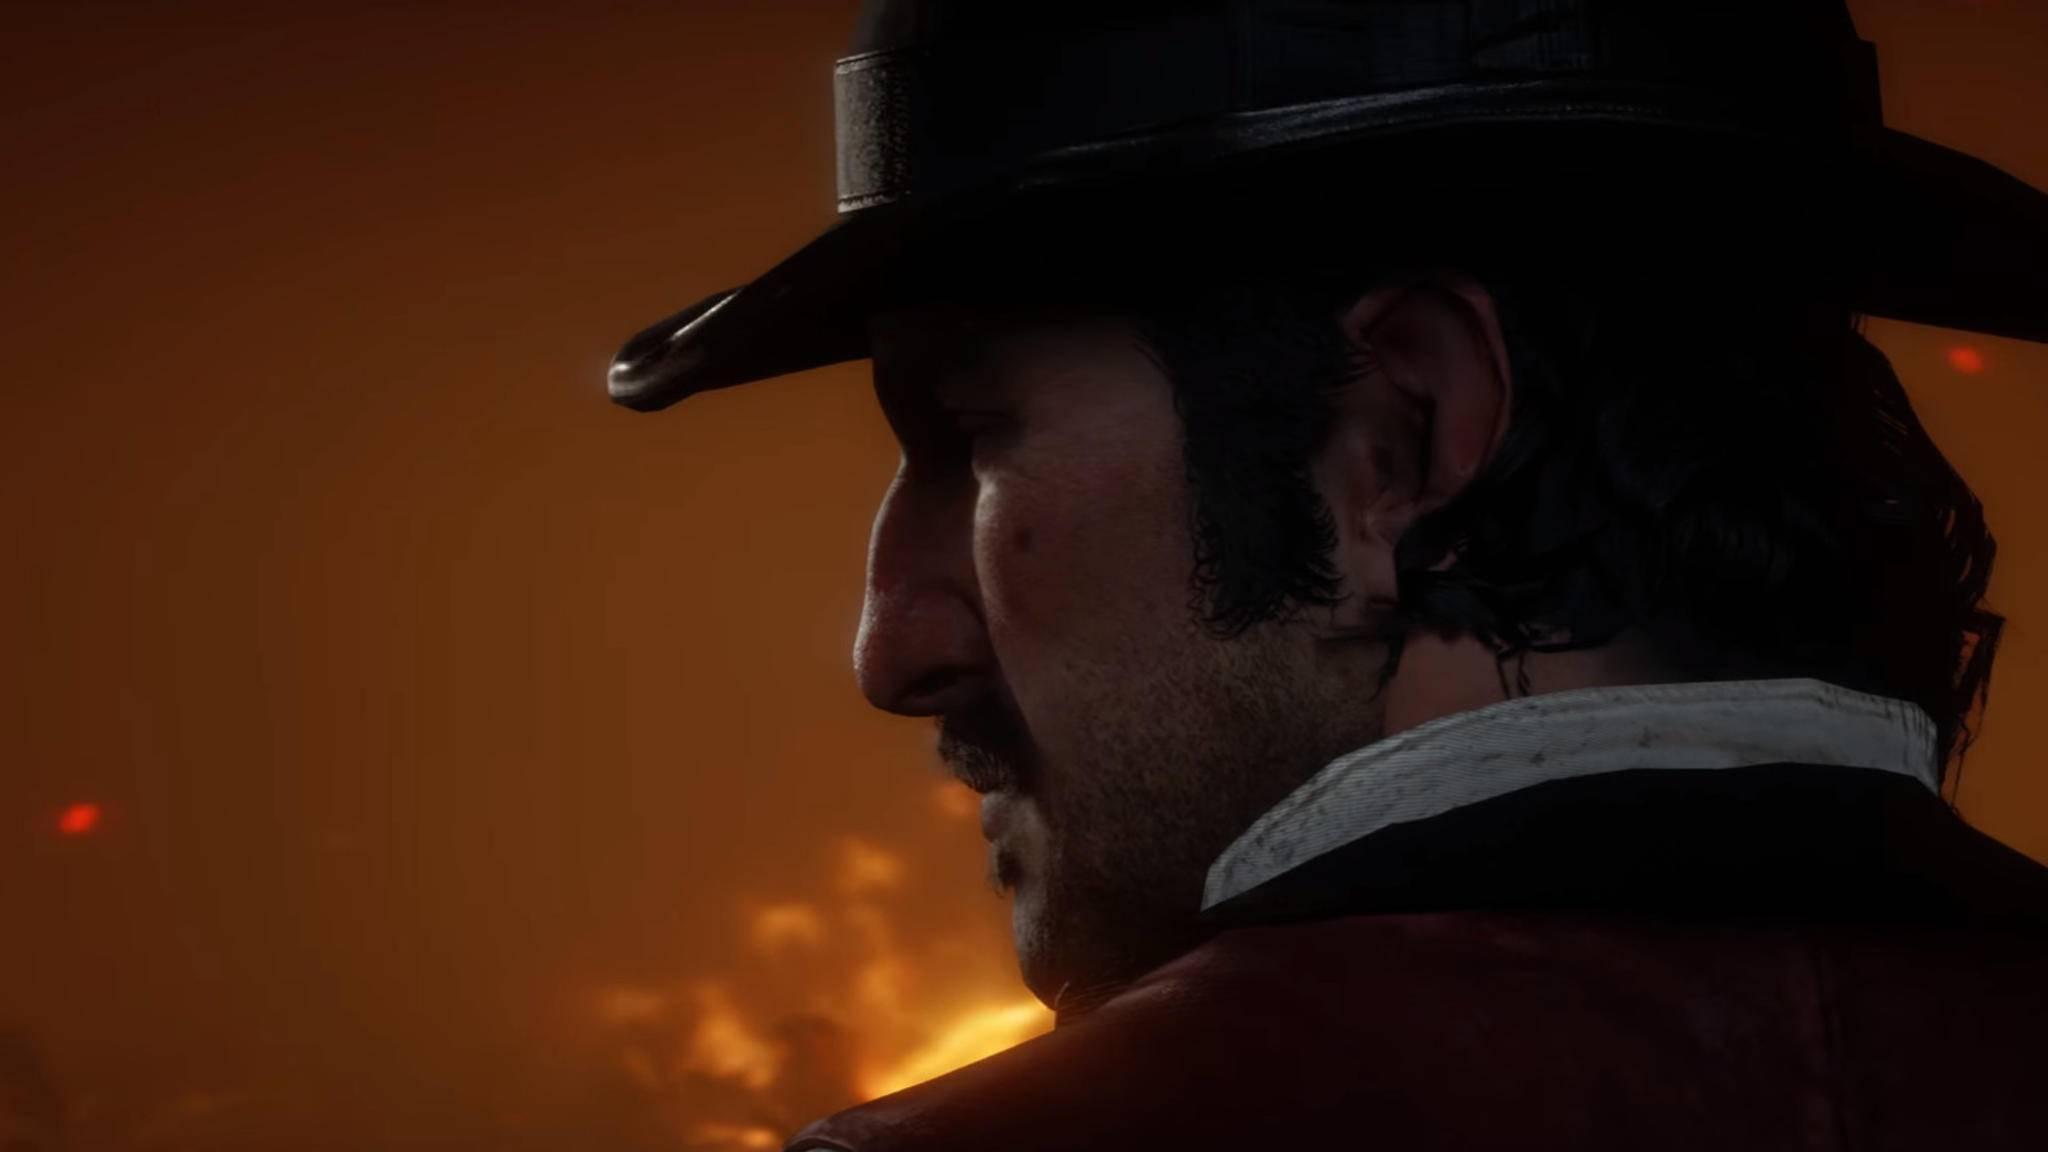 """Auge in Auge mit Dutch? Rockstar könnte an einer VR-Version von """"RDR2"""" arbeiten."""